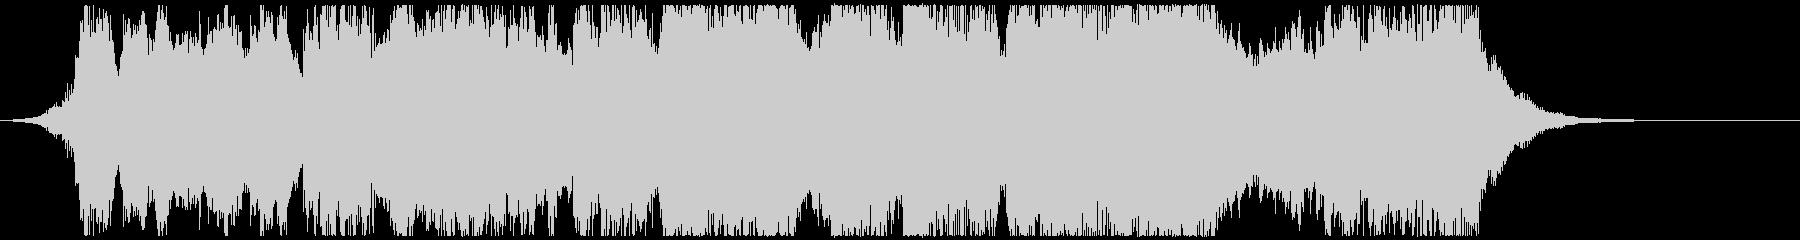 オーケストラ風の序曲の未再生の波形